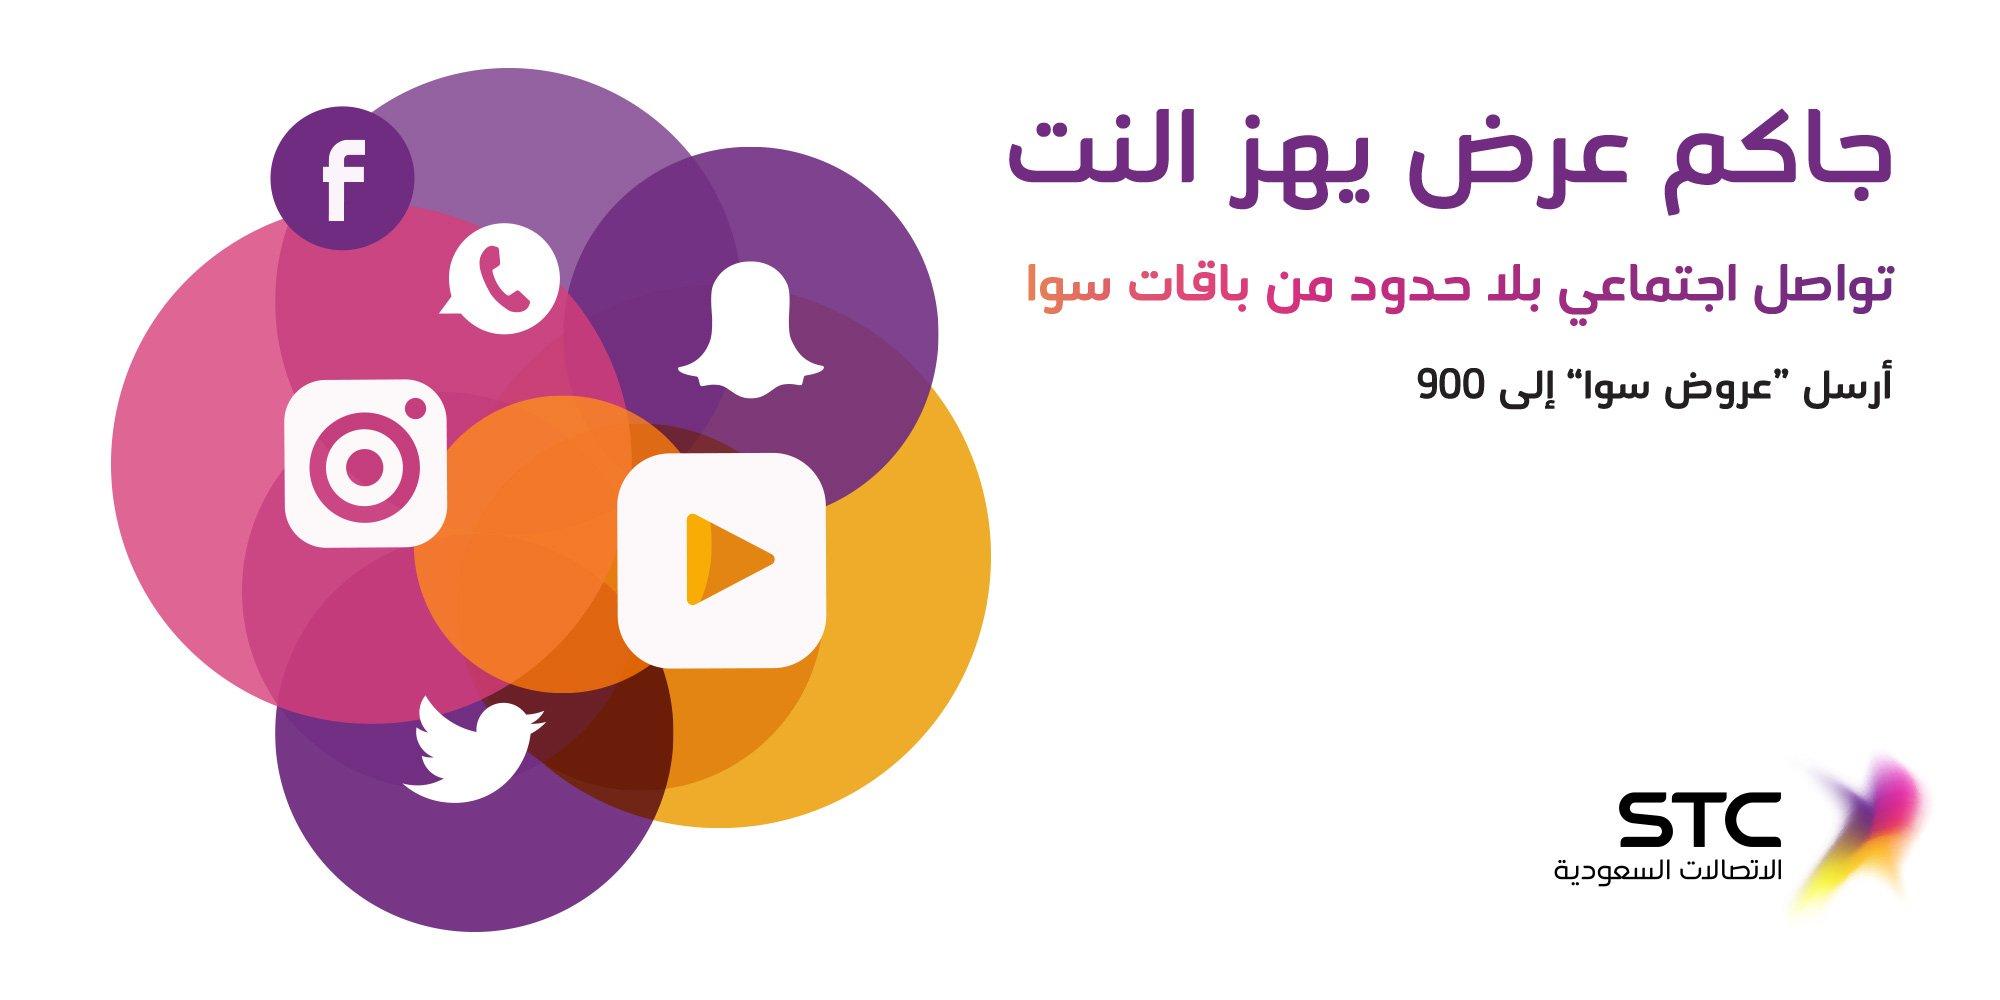 Stc السعودية Twitterren عرض ولفترة محدودة على باقات سوا سوا بوست سوا ستار إنترنت لا محدود على شبكات التواصل الاجتماعي للمزيد أرسل عروض سوا إلى 900 أو تفضل